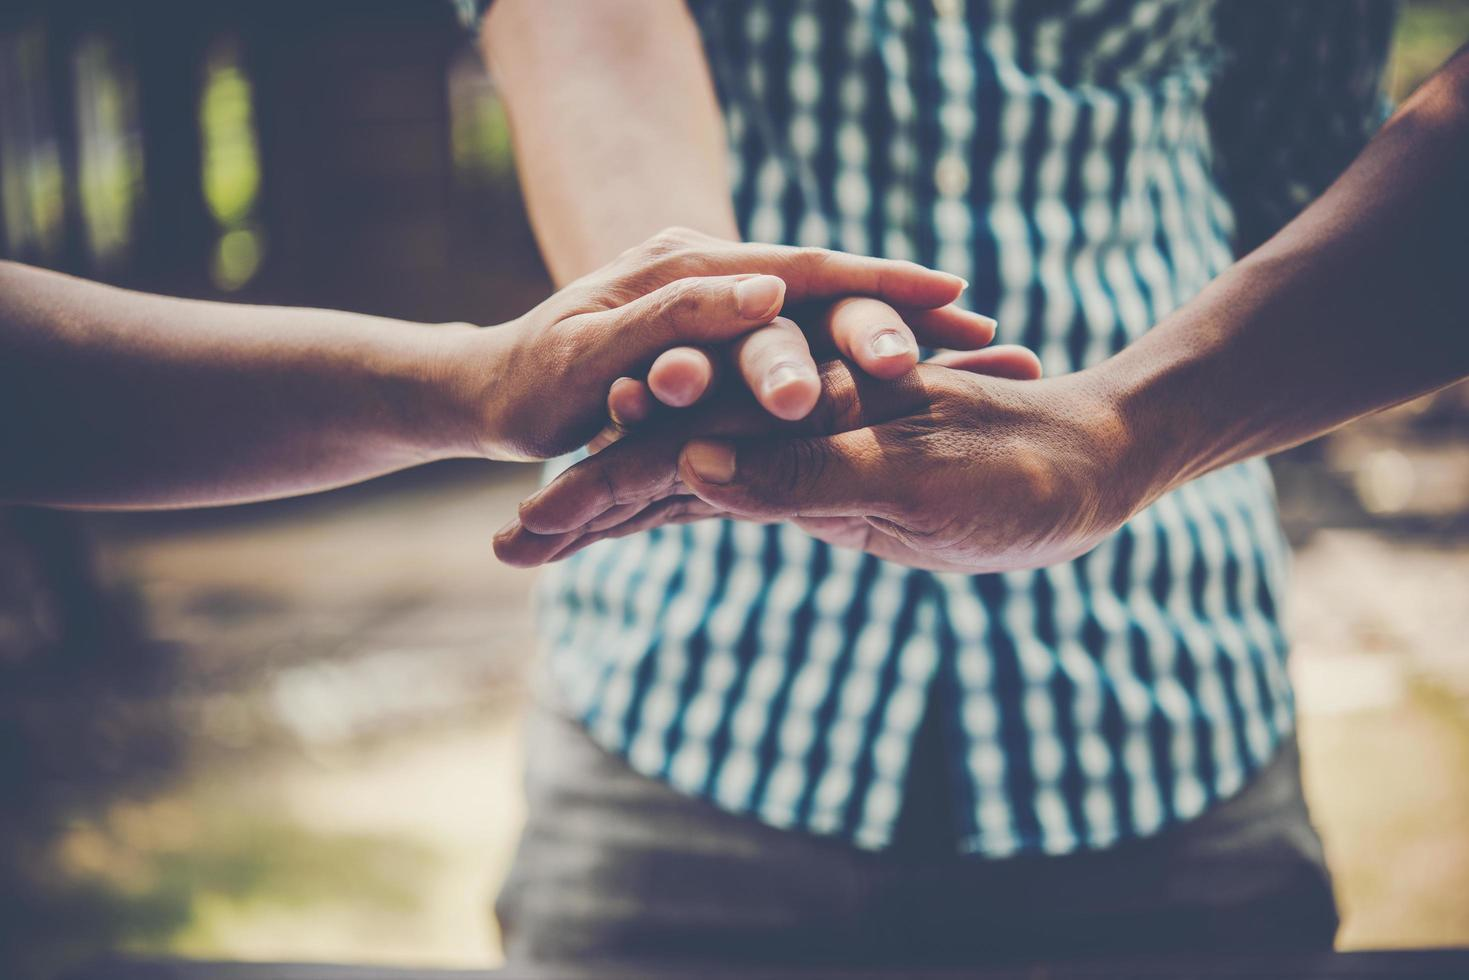 gens d & # 39; affaires mettant les mains ensemble pour représenter le travail d & # 39; équipe photo